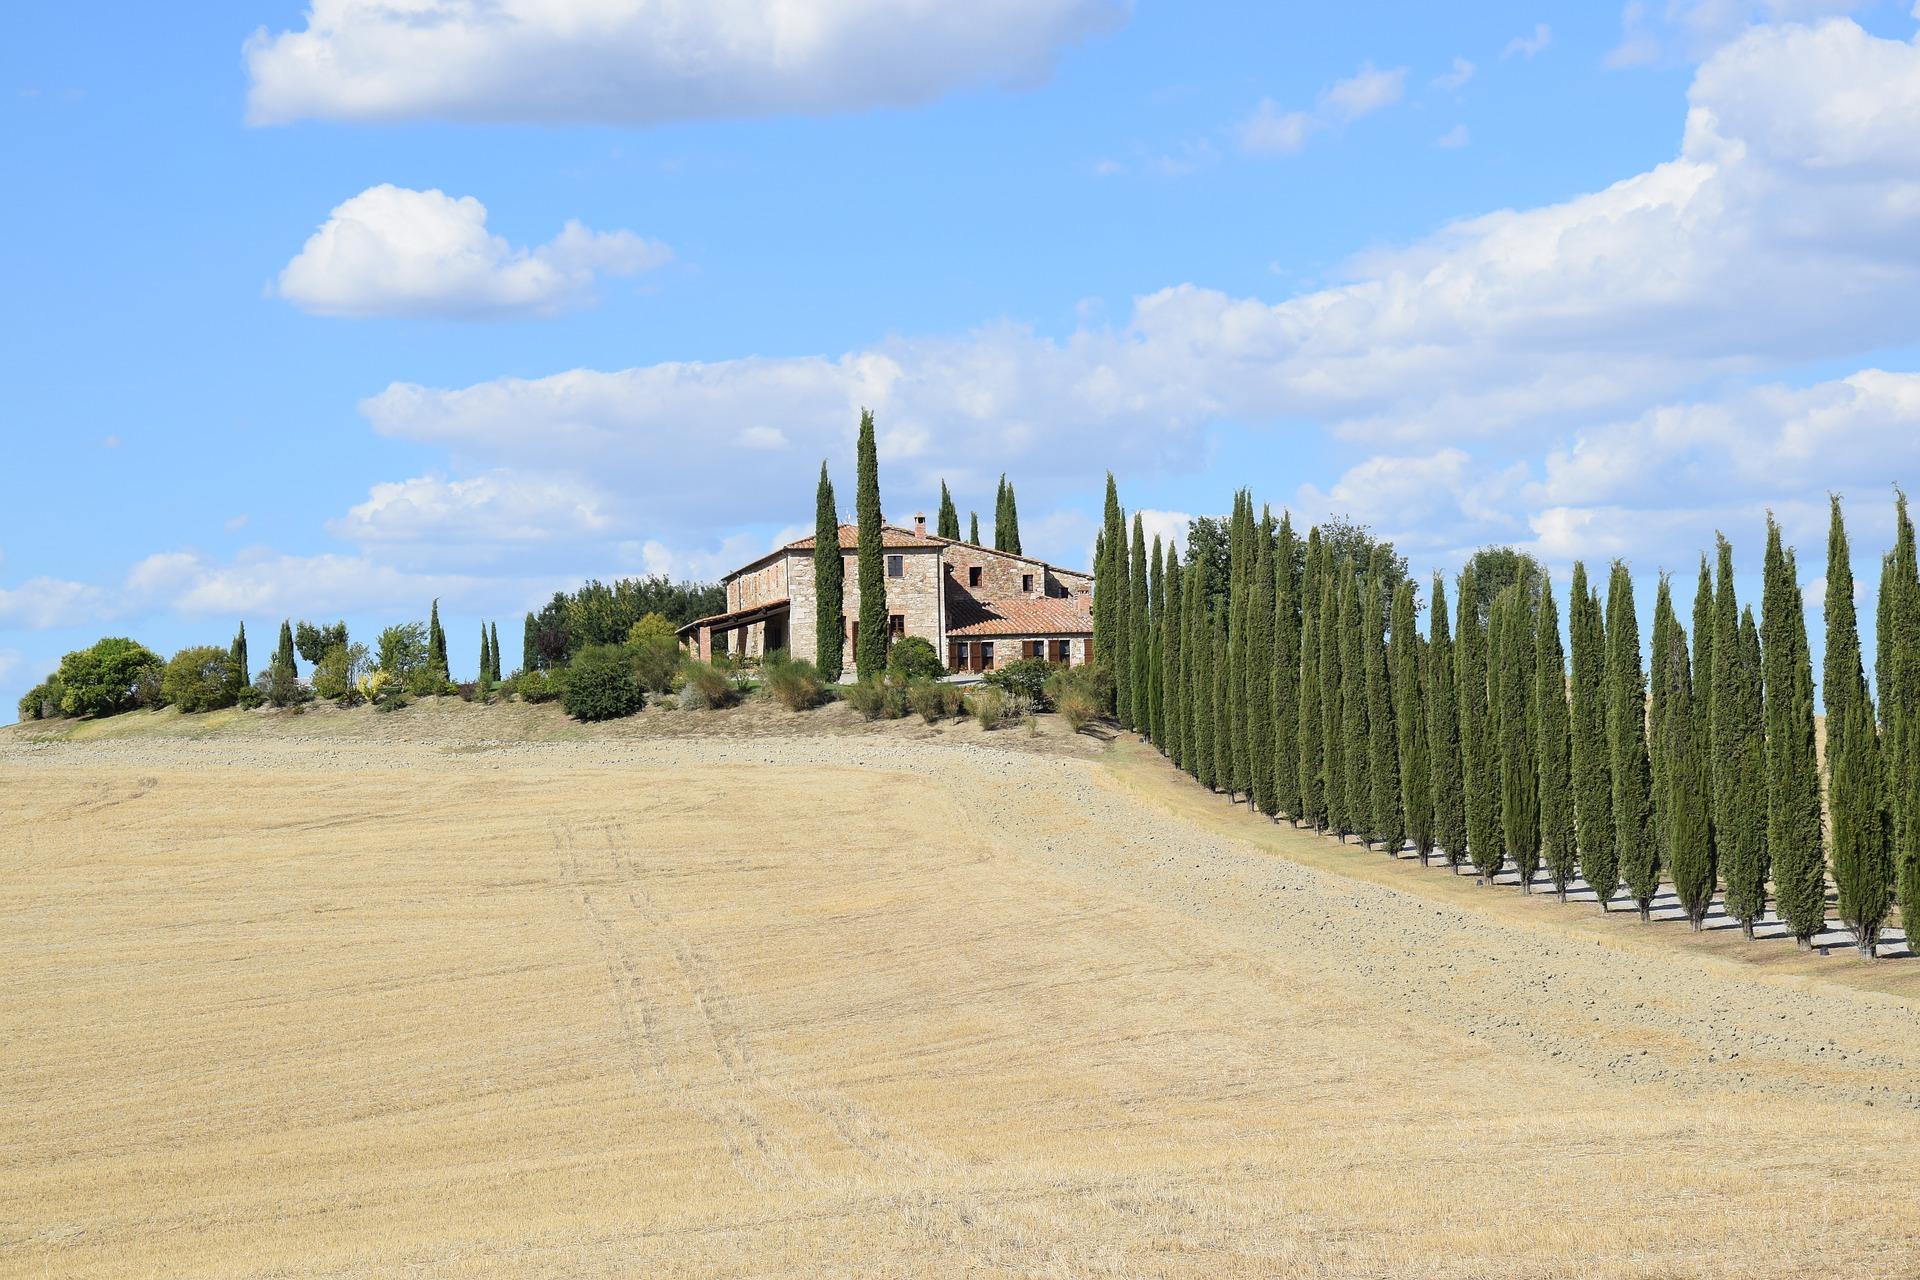 Italy-VillaGilda - cypress-trees-2658940_1920.jpg